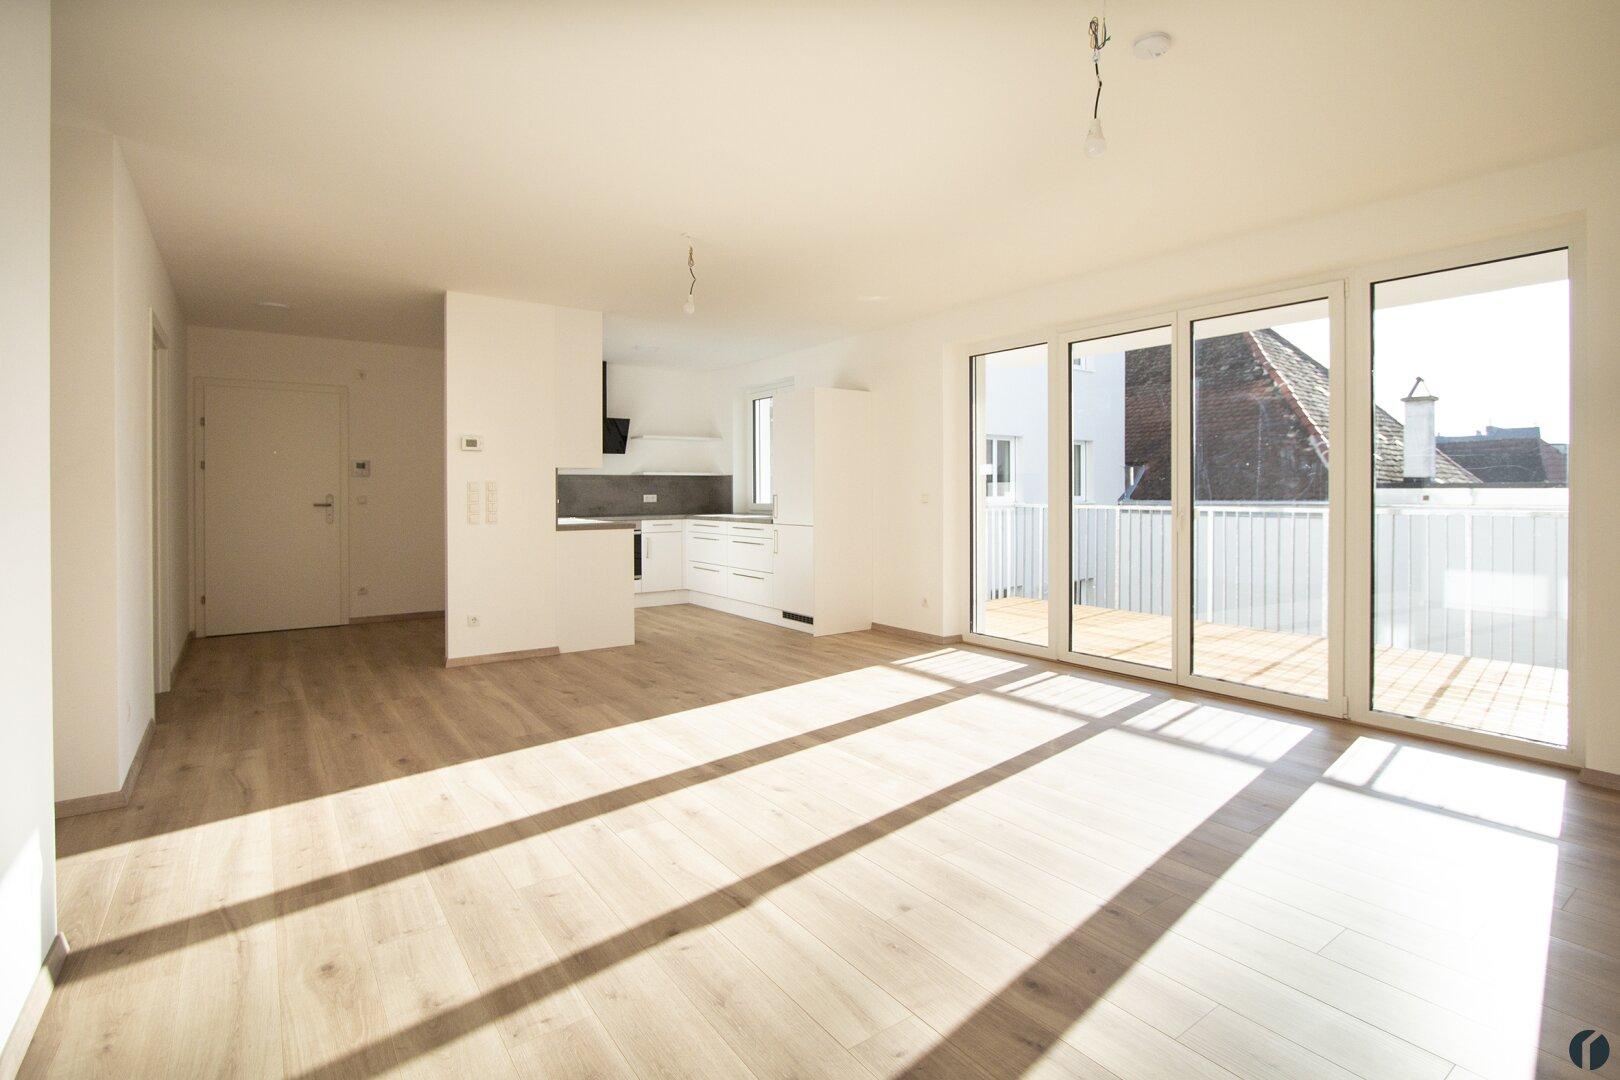 großzügiger Wohnraum mit offener Küche